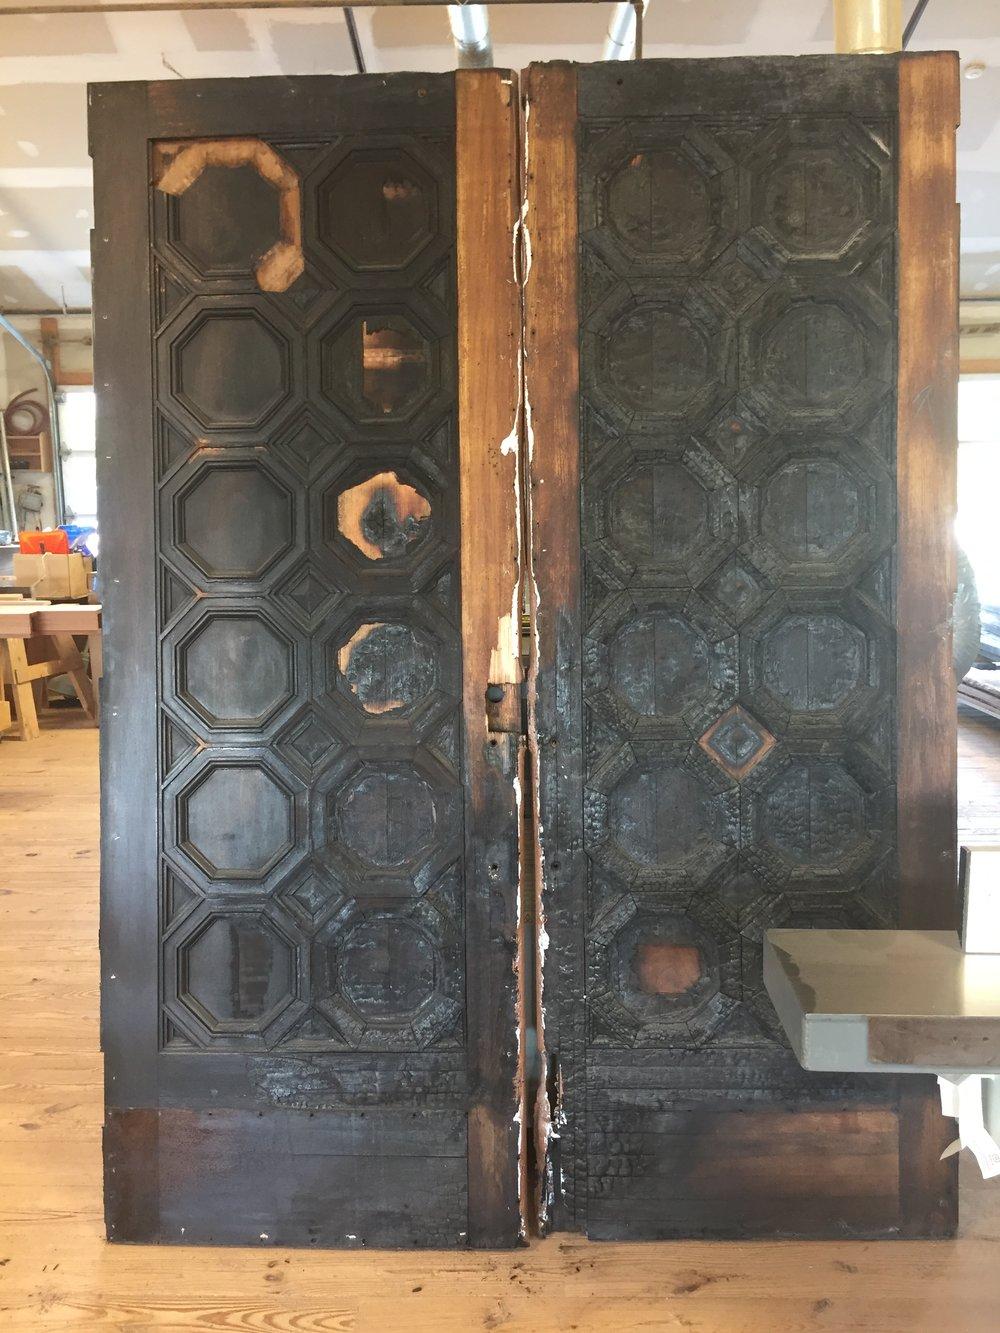 THE ORIGINAL bURNT dOORS